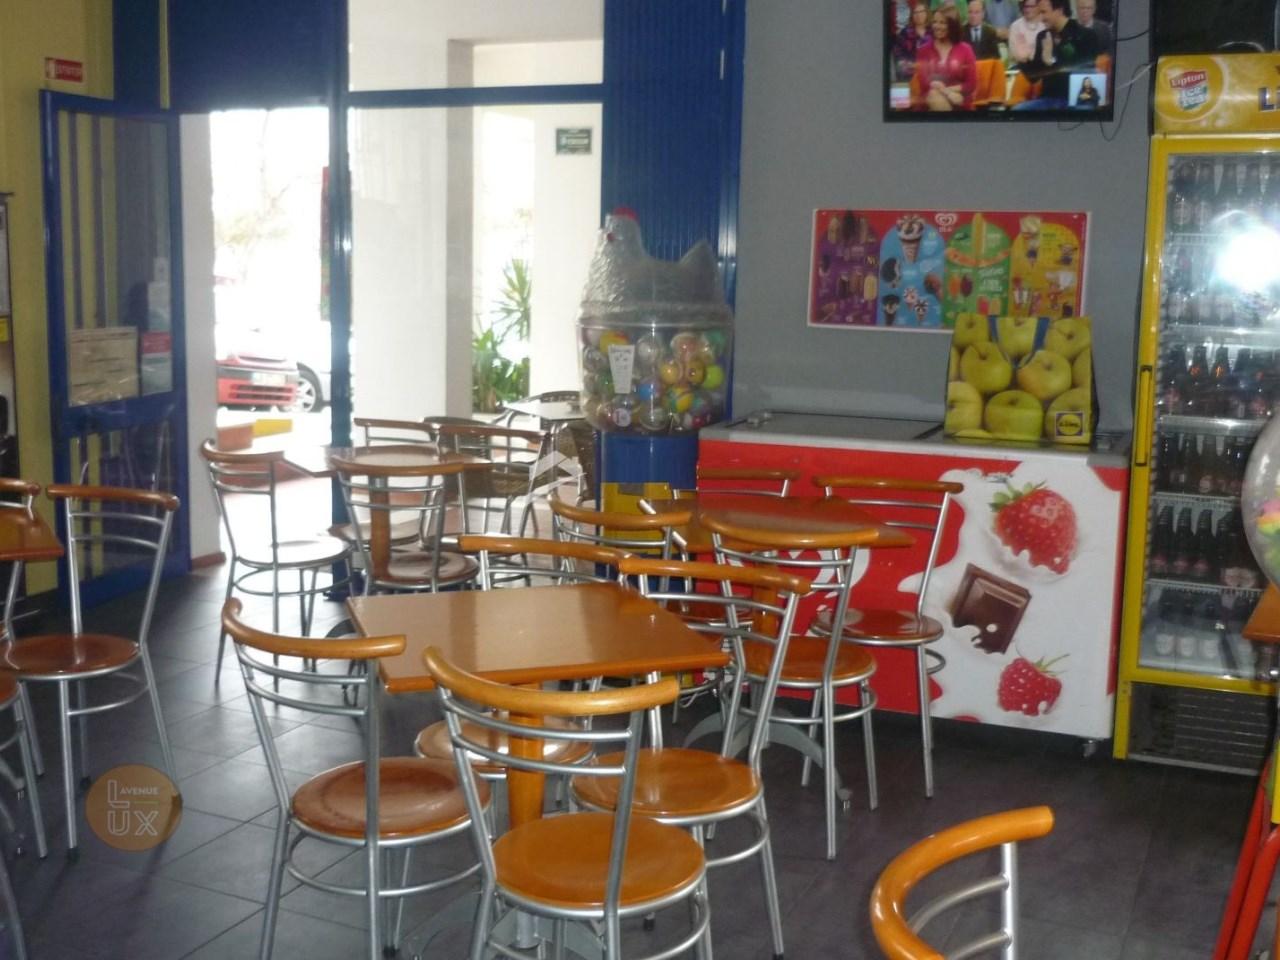 Full Size of Shop In Quarteira Loul Landhausküche Gebraucht Chesterfield Sofa Gebrauchte Küche Verkaufen Regale Einbauküche Kaufen Edelstahlküche Betten Fenster Wohnzimmer Edelstahlküche Gebraucht